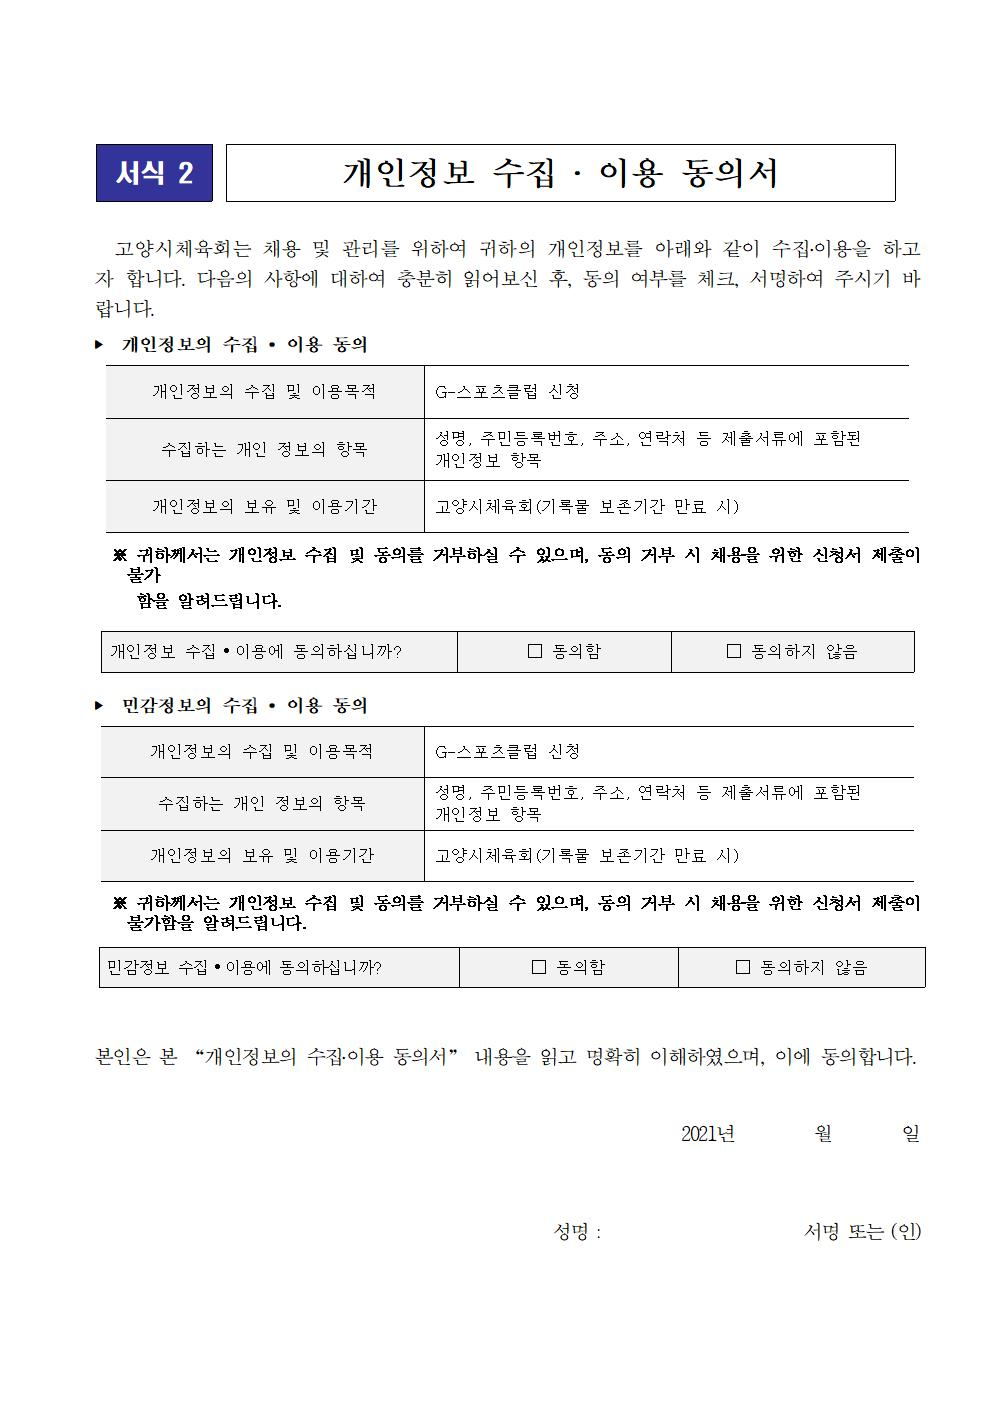 [일반] 2021 G-스포츠클럽(경기도형운동부) 회원 모집의 첨부이미지 4